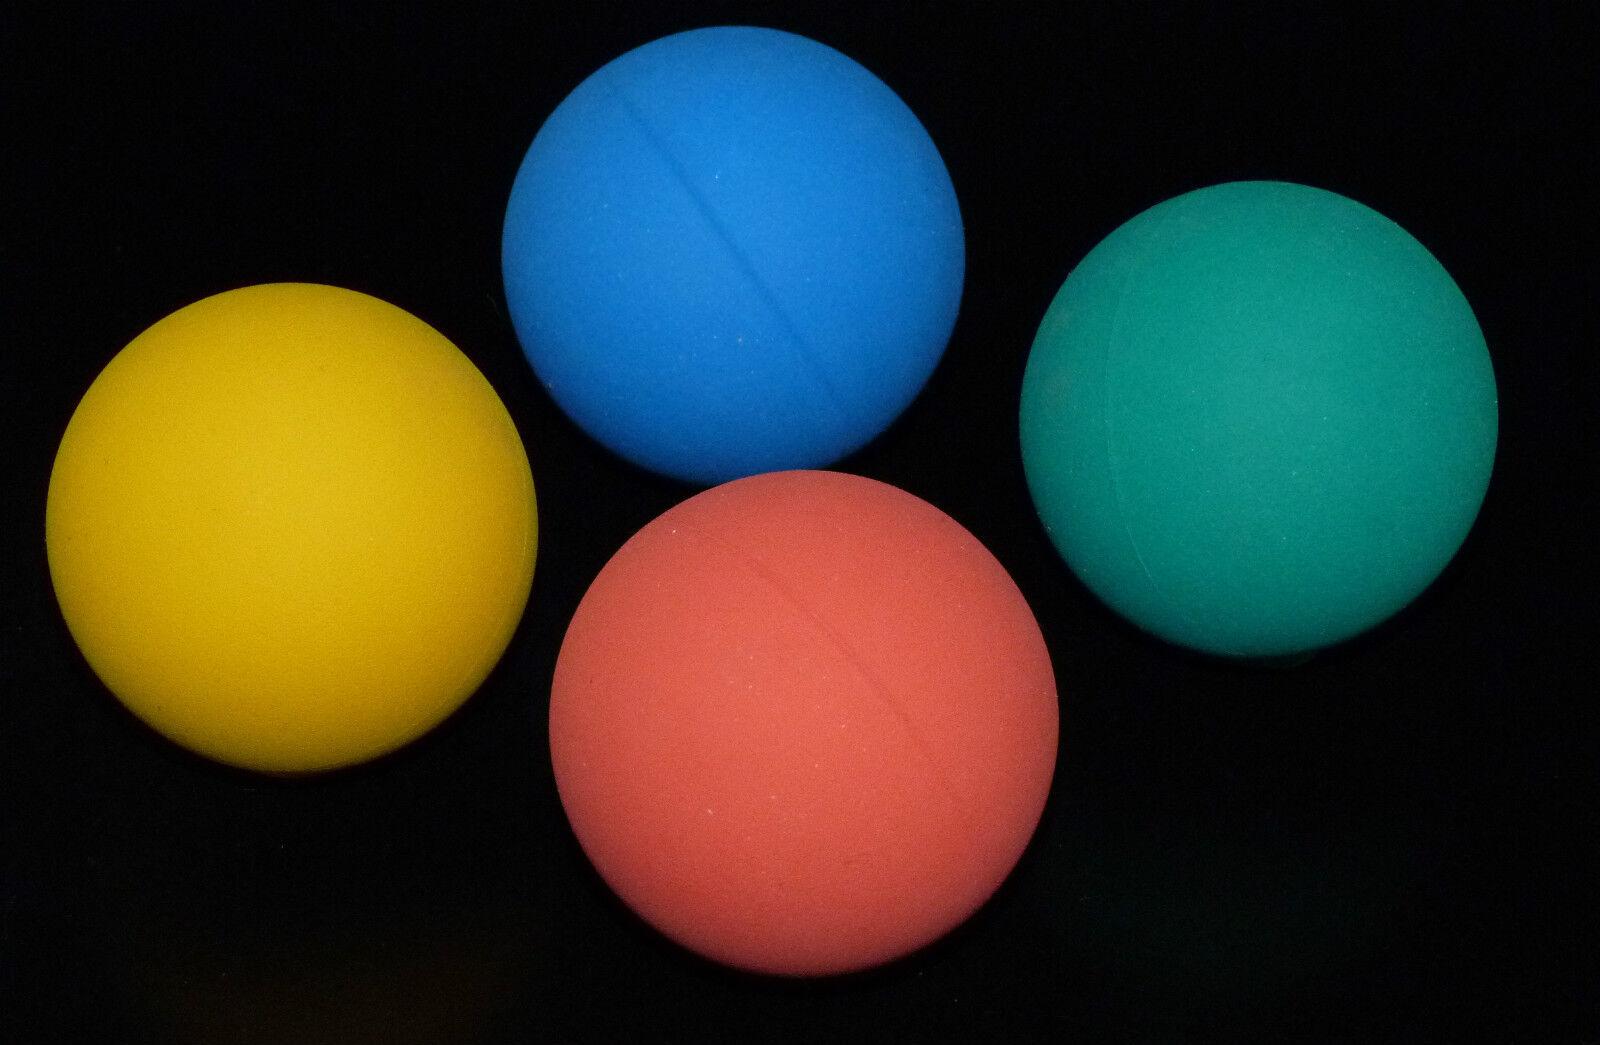 Hundeball Hundespielzeug Ball aus Naturkautschuk schwimmfähig  Spielball 5,5cm